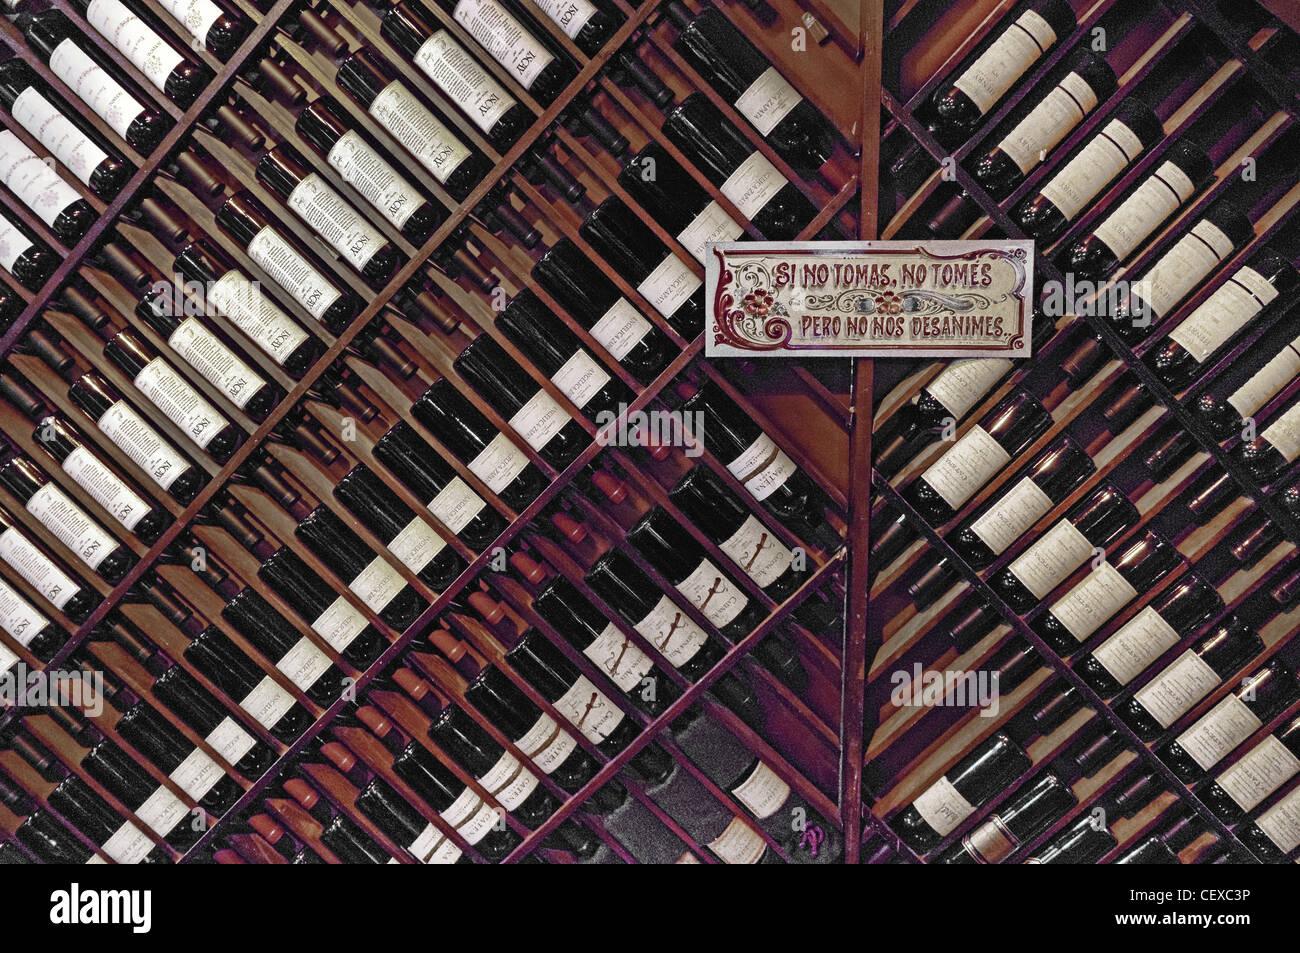 Wine in La Brigada, Parilla Steak House, San Telmo, Buenos Aires, Argentina - Stock Image